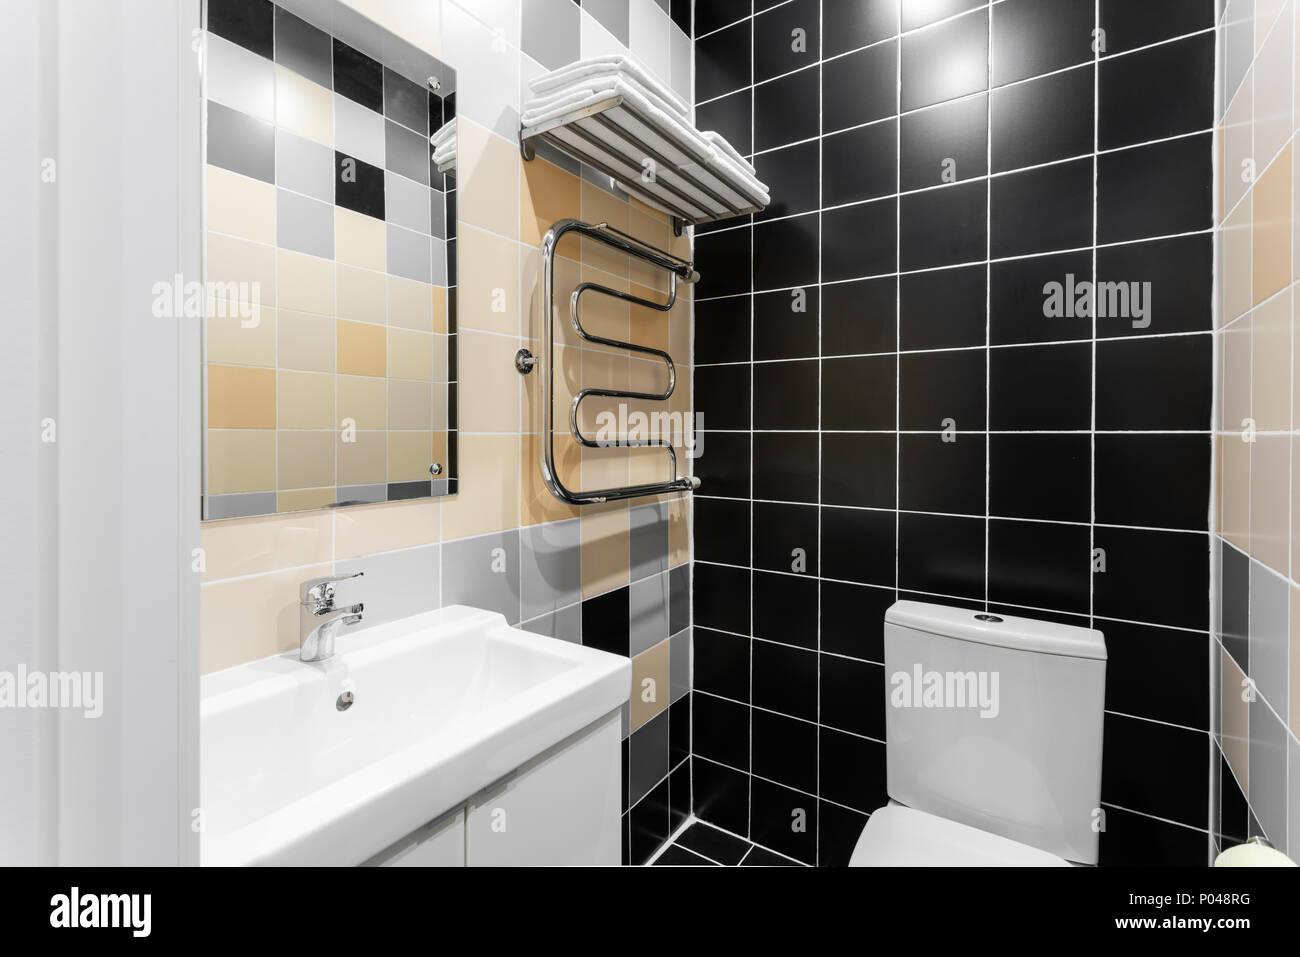 Bagno con doccia wc e lavandino. hotel camera standart. semplici ed